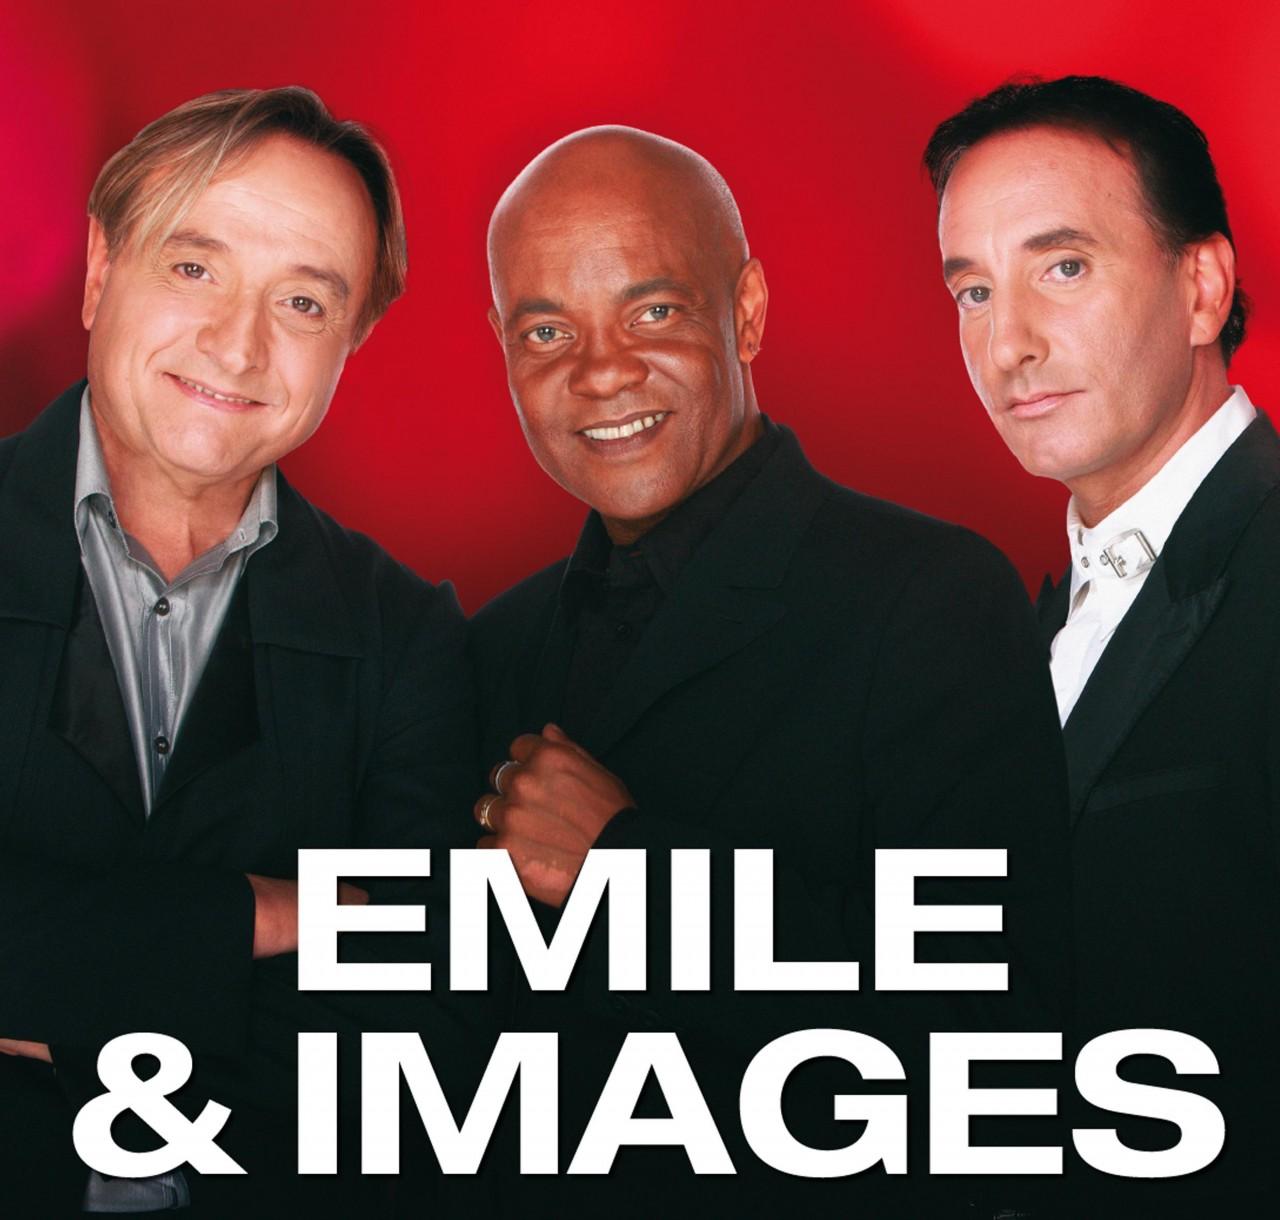 Emile et images eyguieres